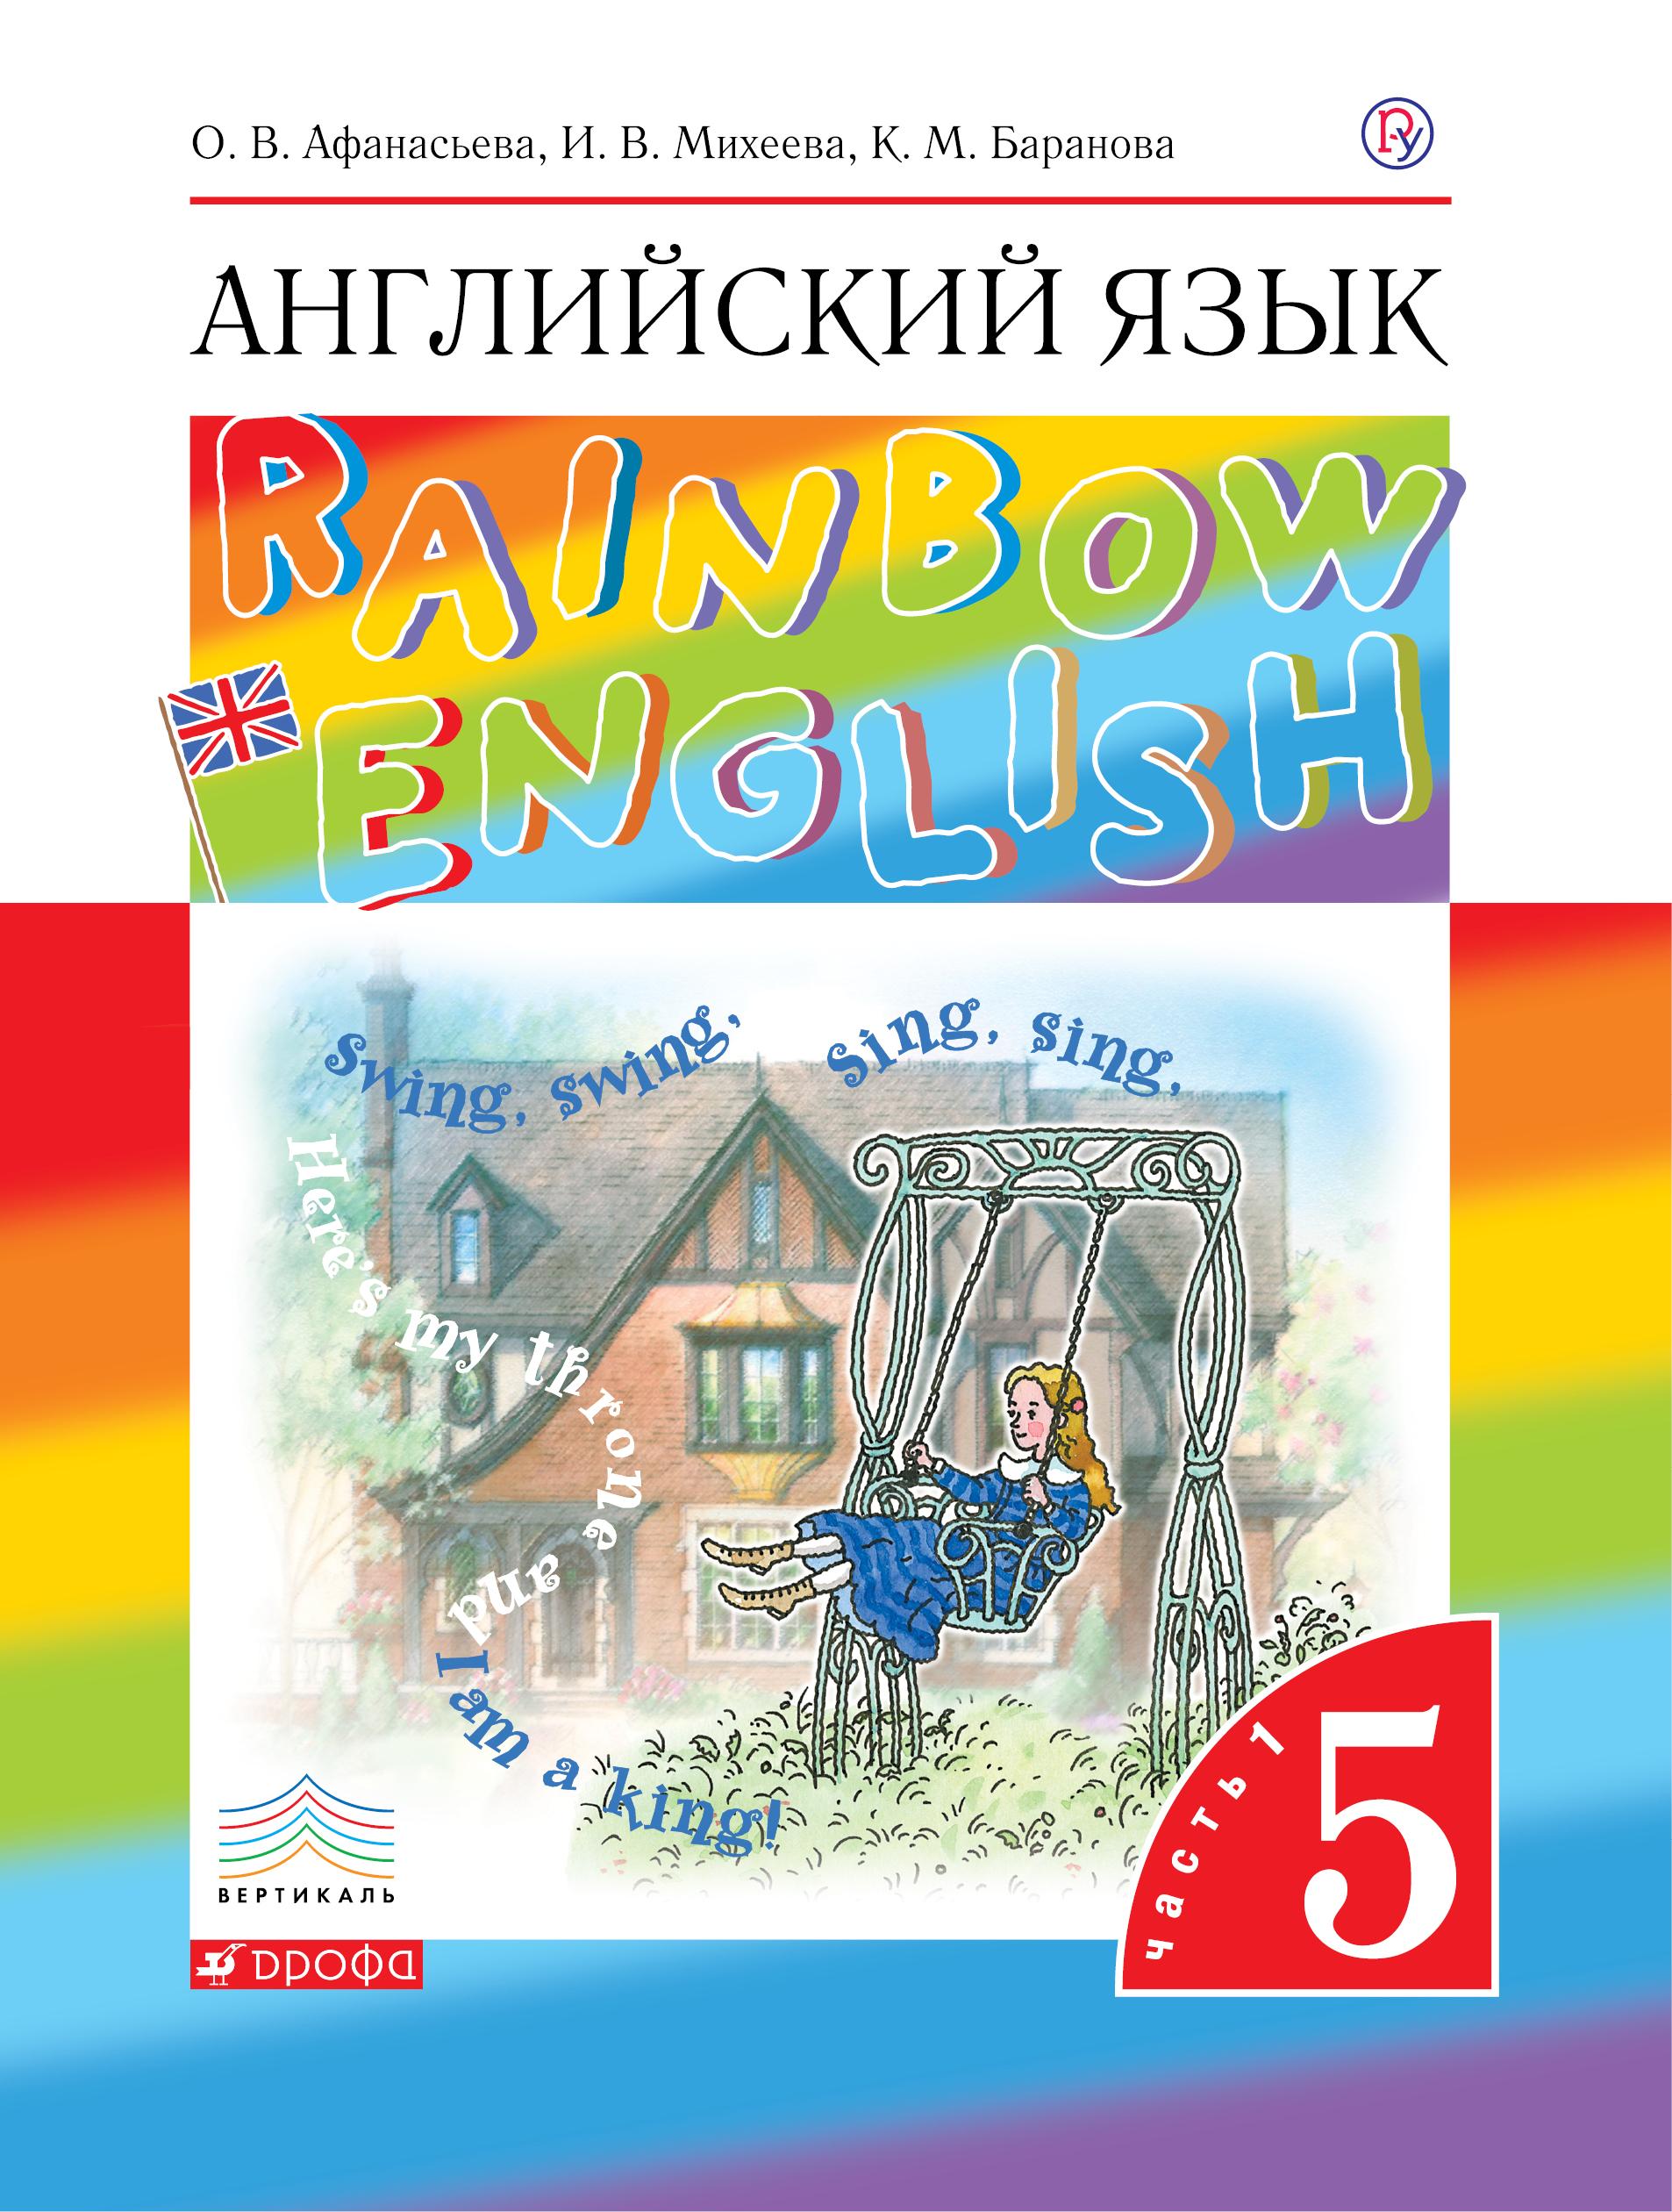 О.в. Афанасьева И.в.михеева Гдз 5 Класс 1 Год Обучения